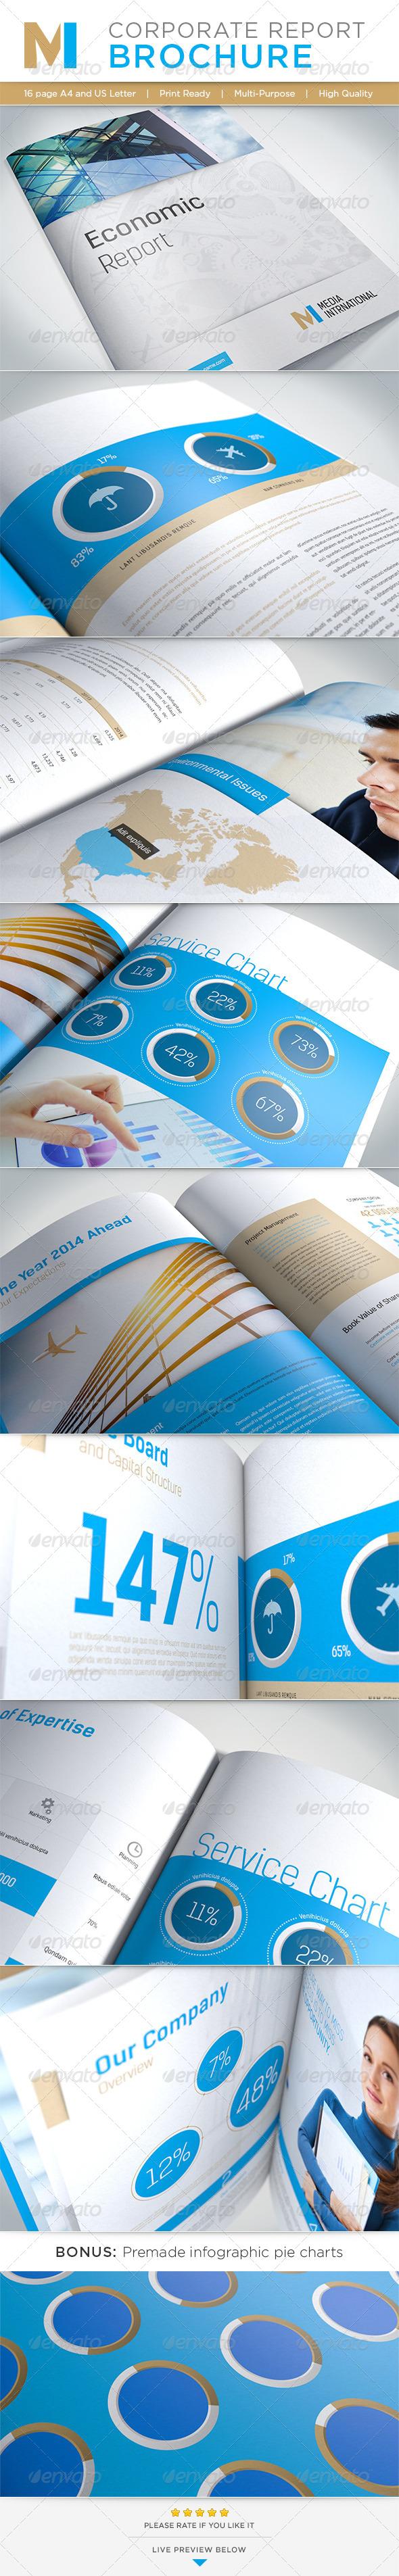 Corporate Report Brochure - Corporate Brochures